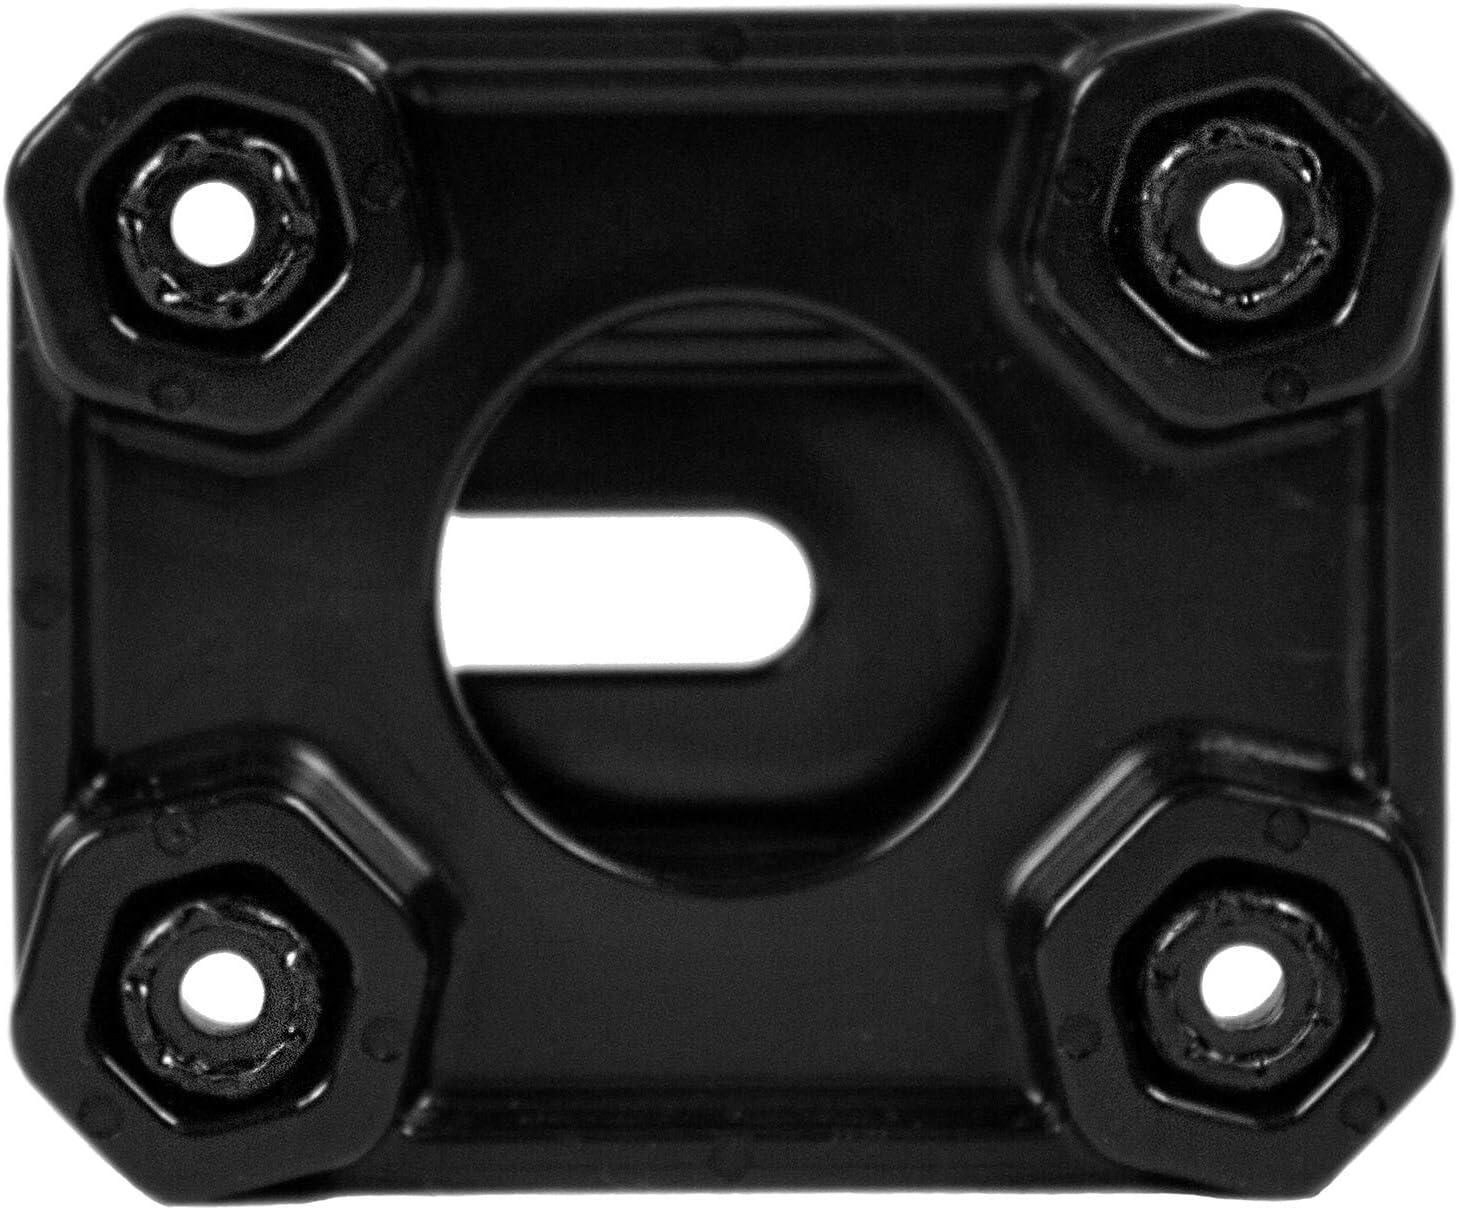 Includes Mounting Hardware Fullback Backing Plate Yakattack MightyMount II